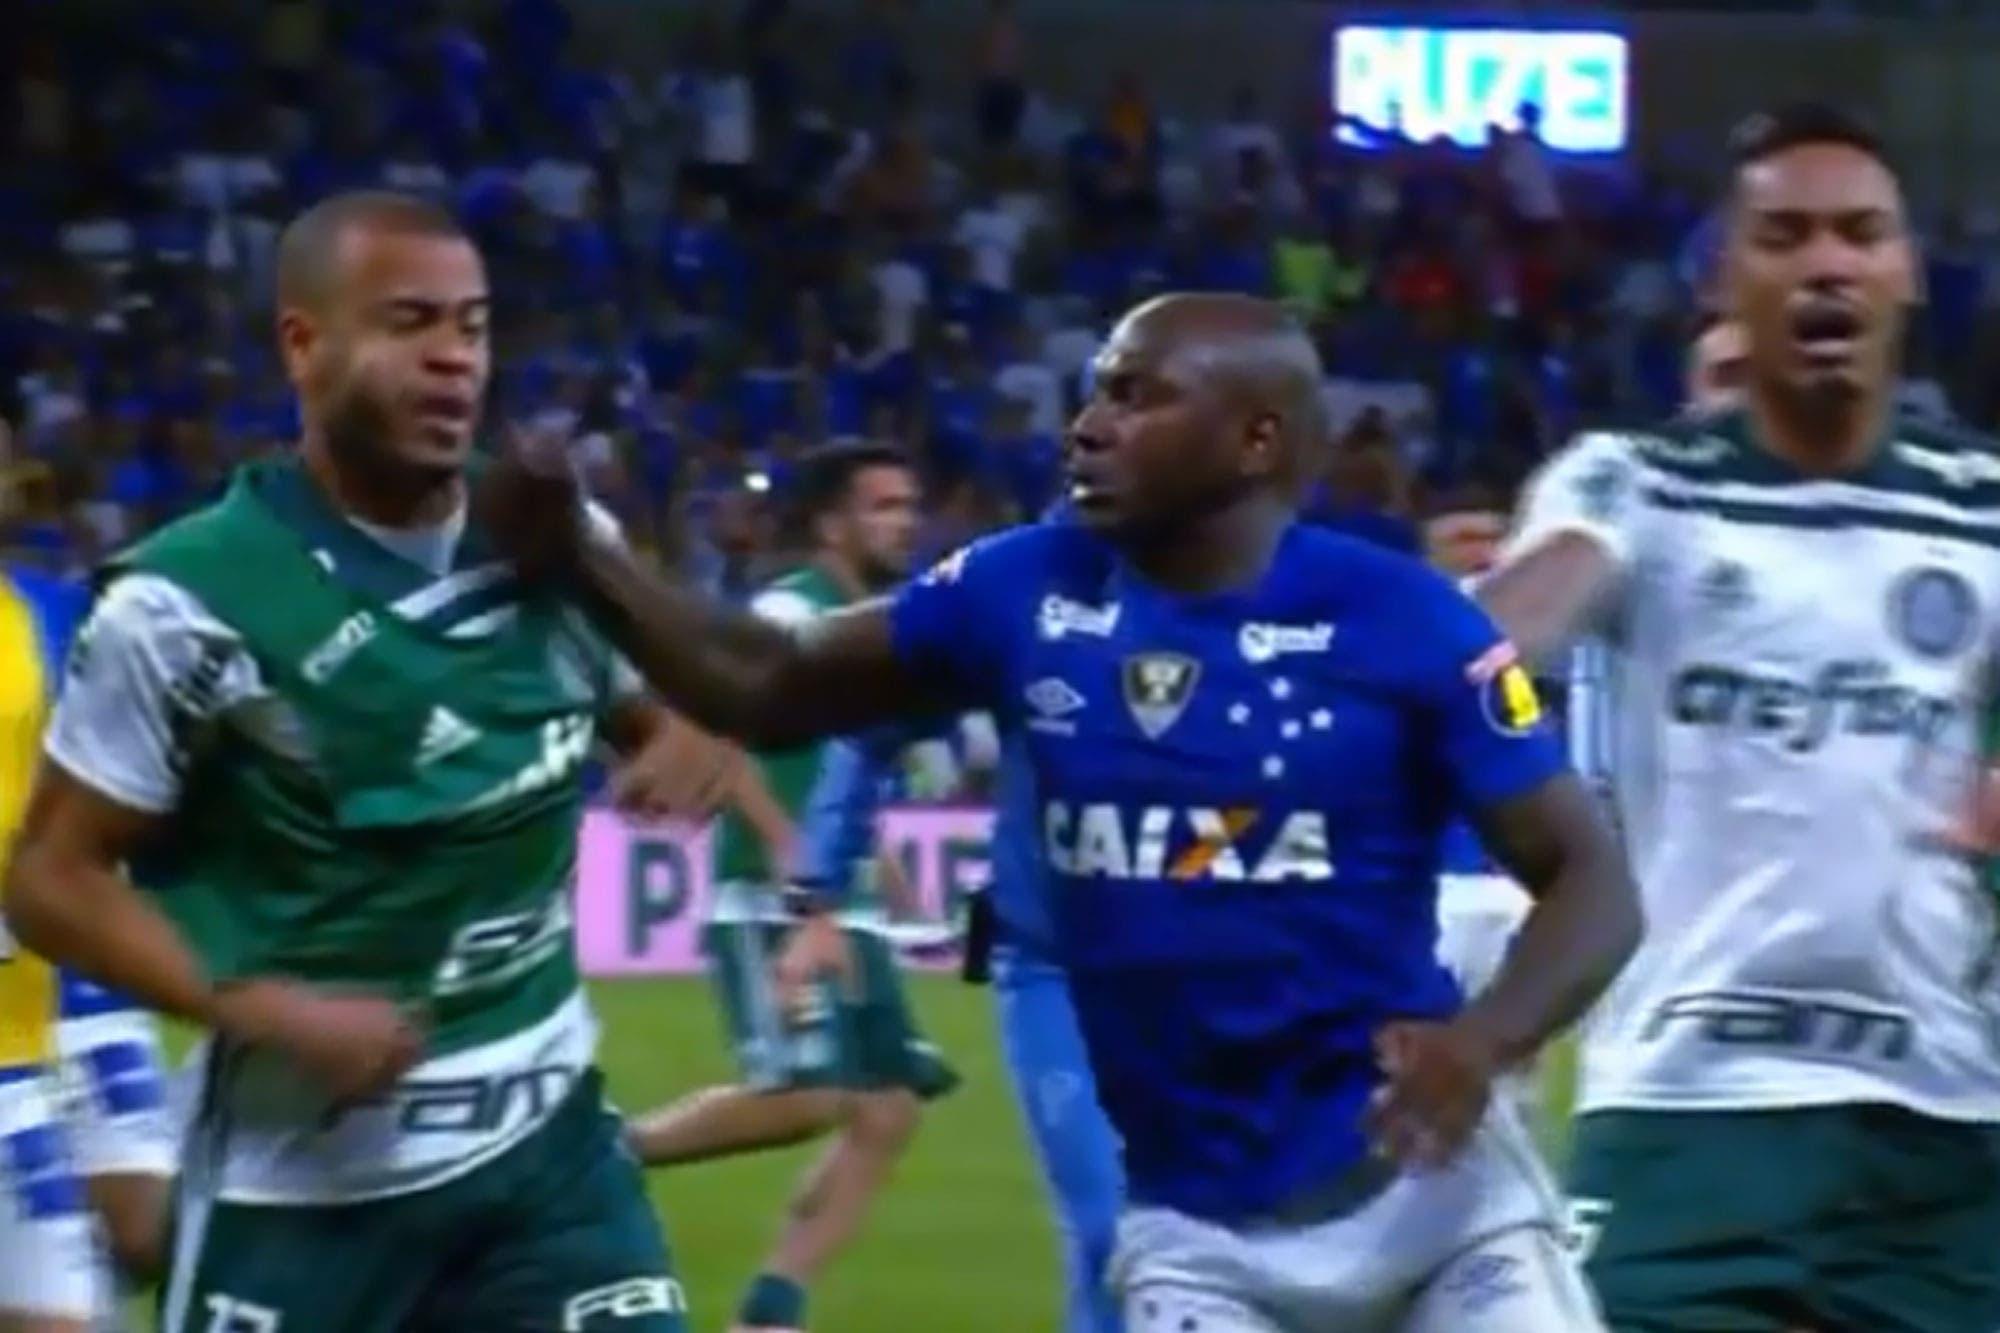 Escándalo en Brasil: Cruzeiro, rival de Boca en la Copa Libertadores, terminó a las trompadas con Palmeiras